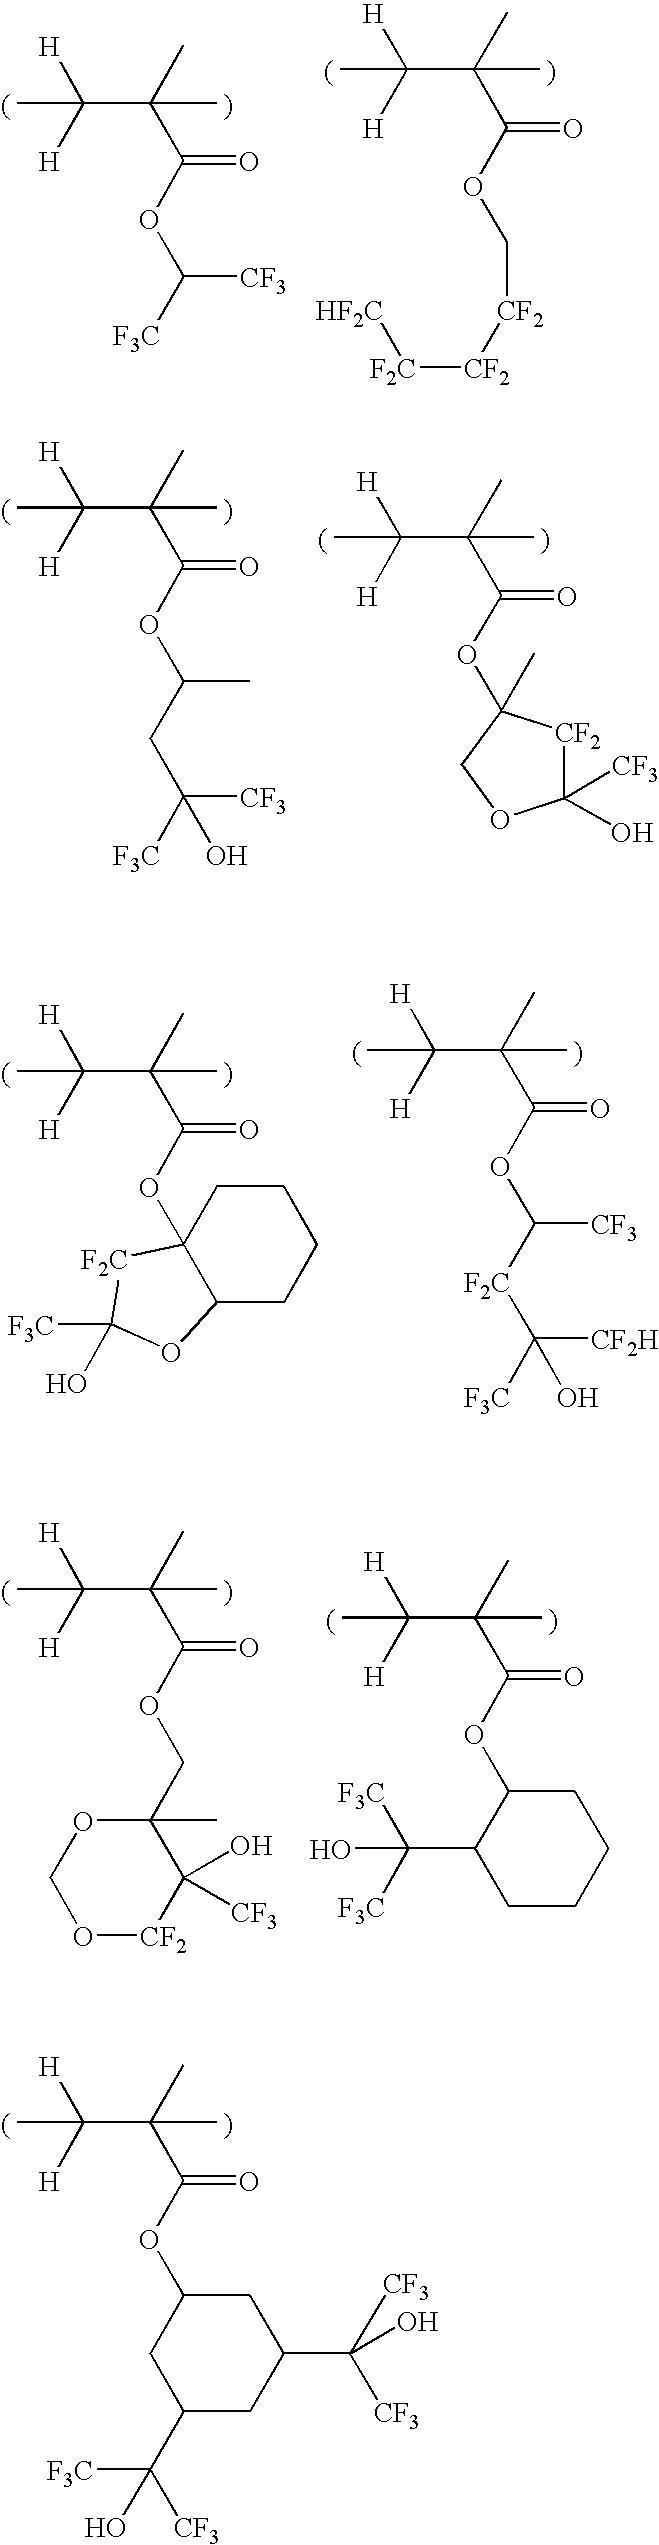 Figure US20070231738A1-20071004-C00035